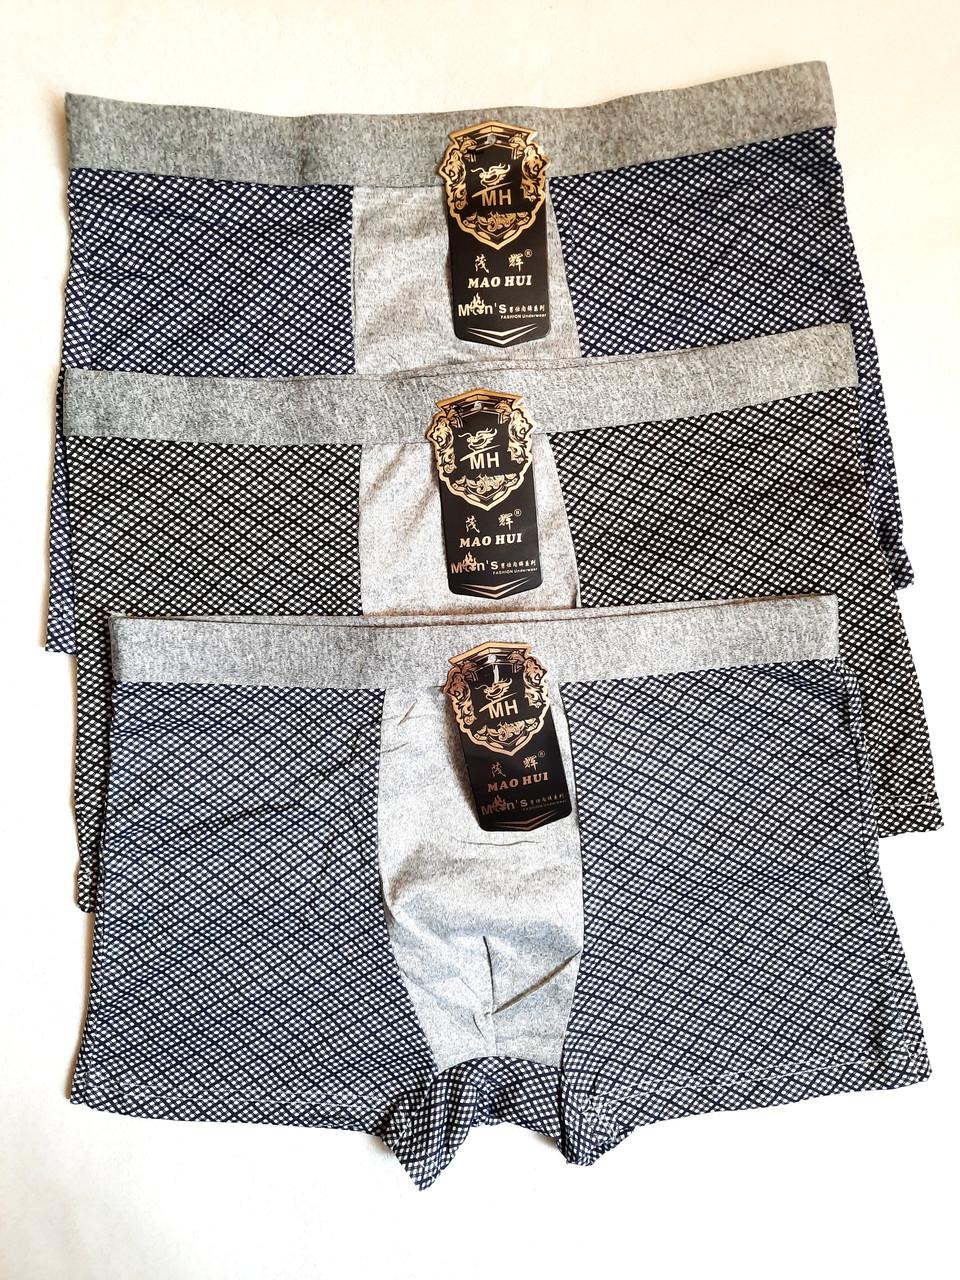 Труси-боксери чоловічі бамбук стрейч р. 42-44. Від 6шт по 24грн